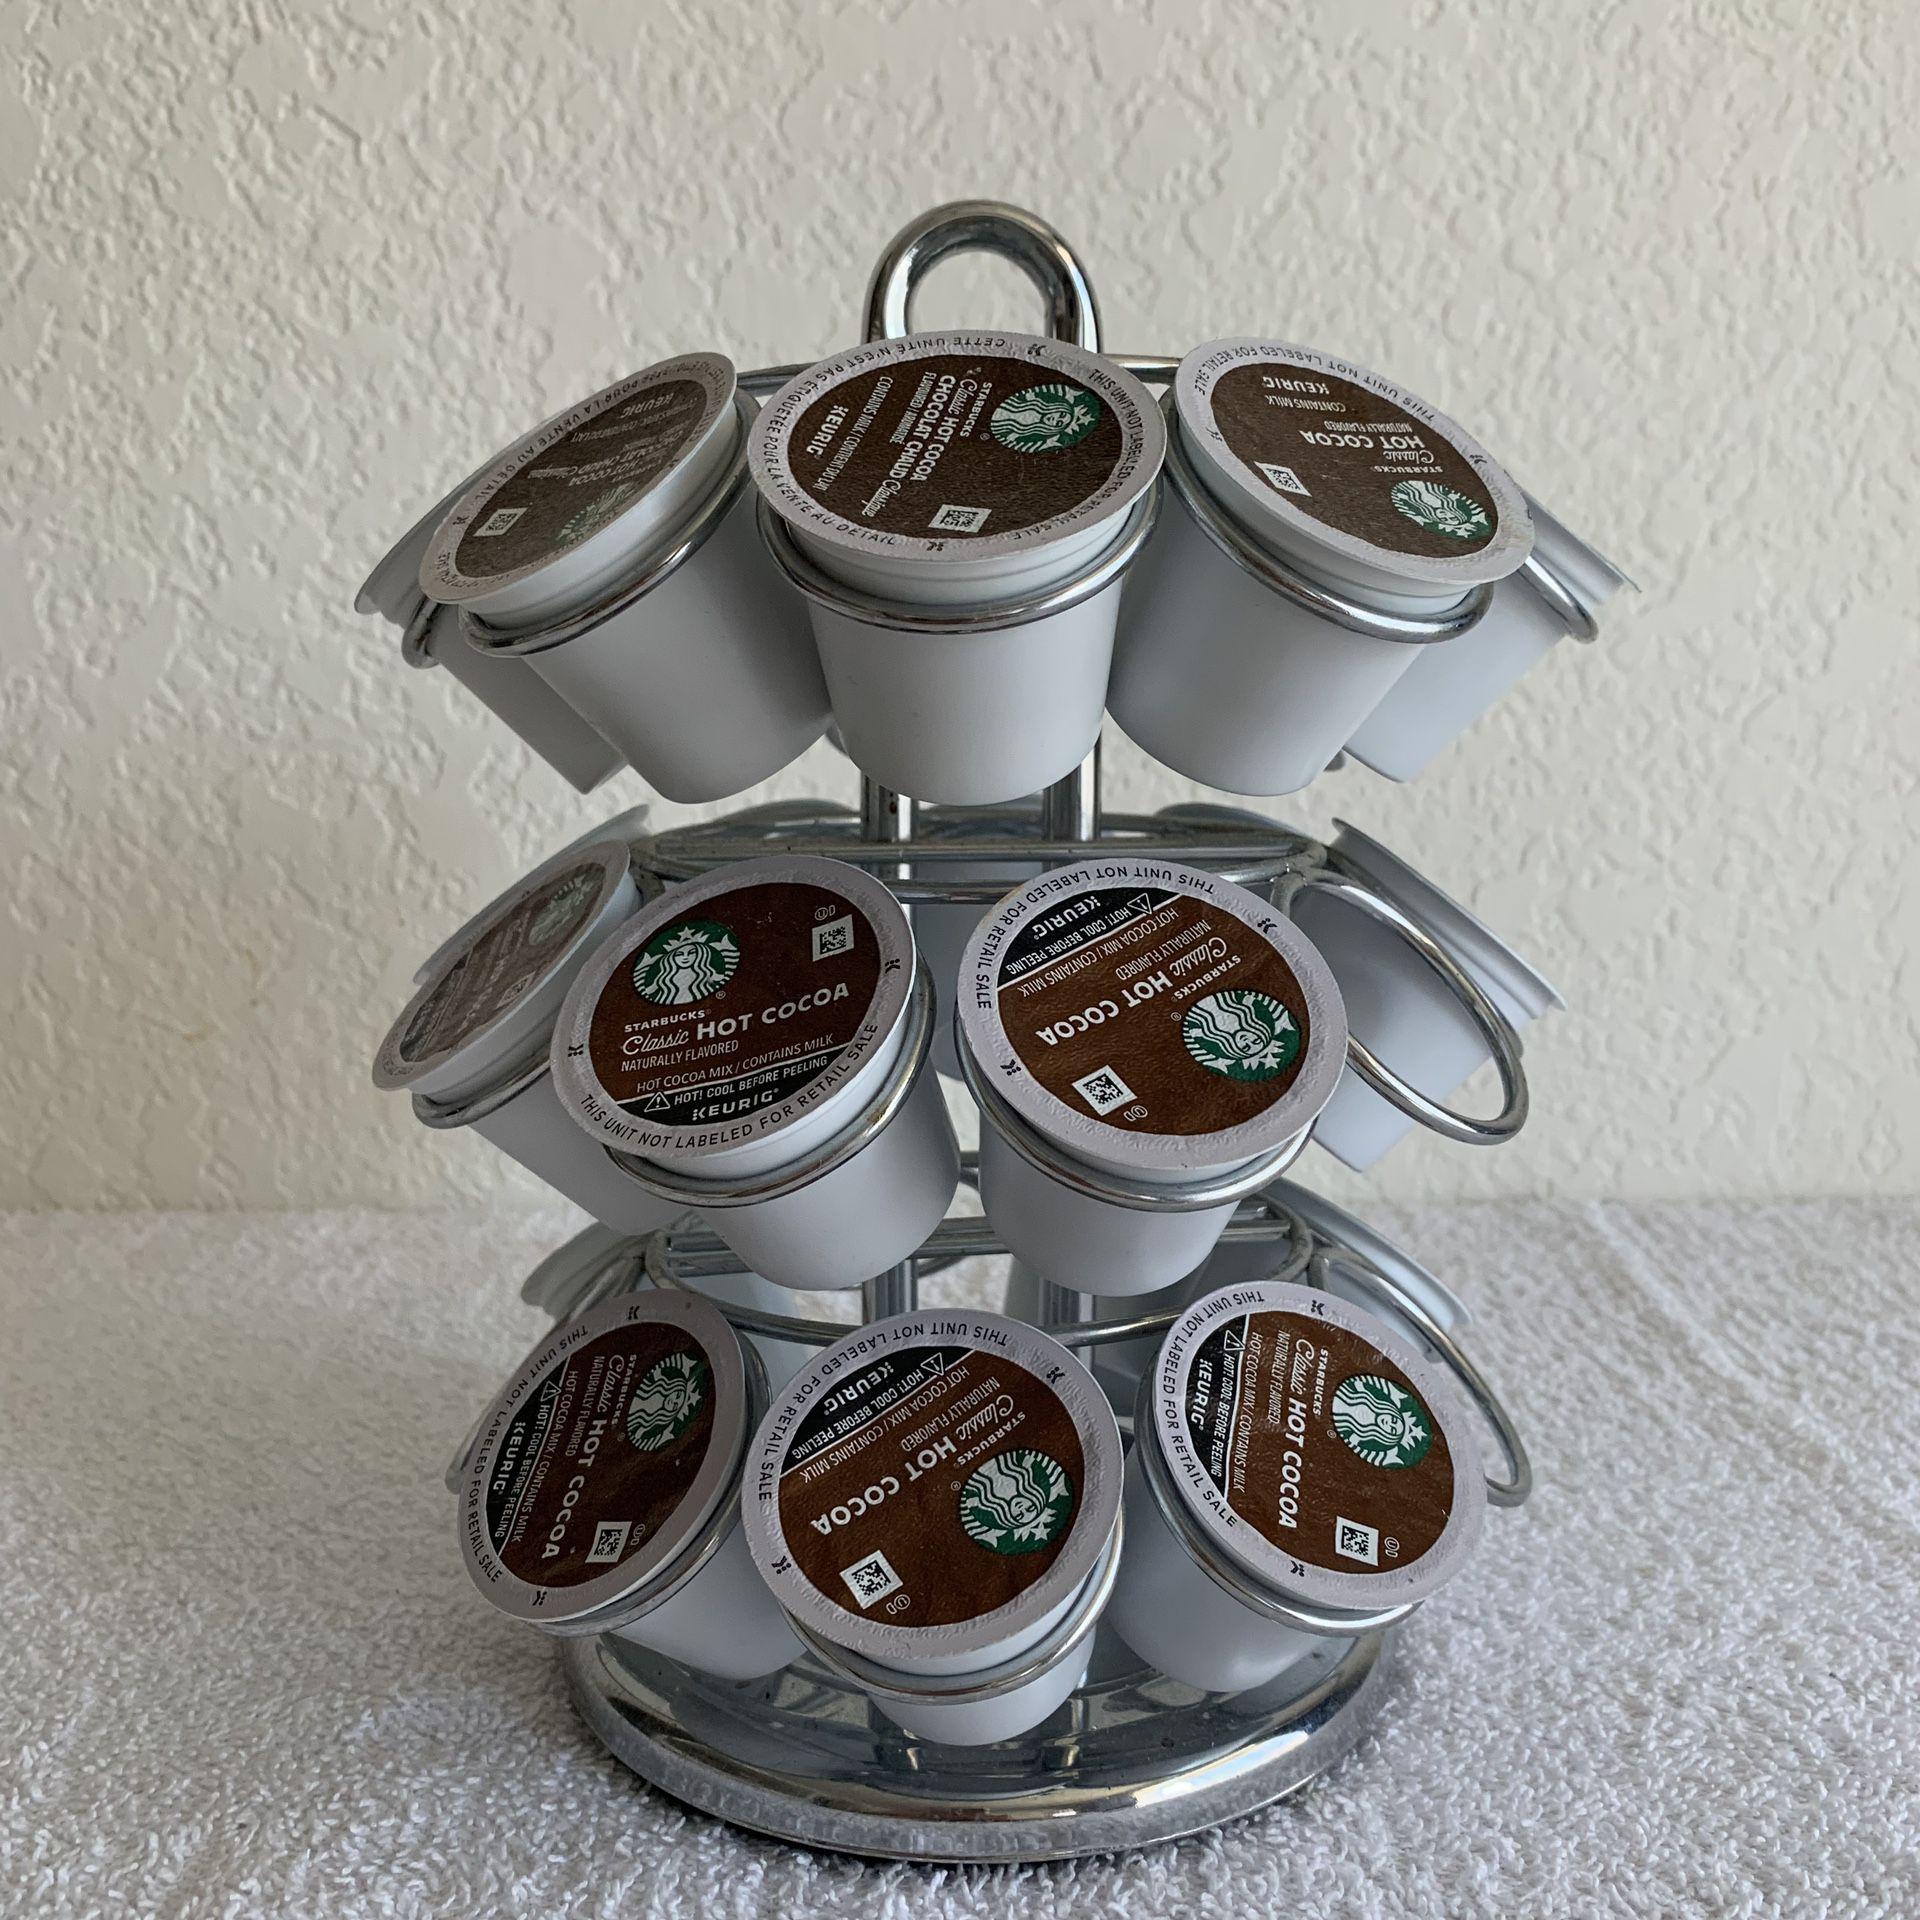 Keurig Carousel K-Cups Holder